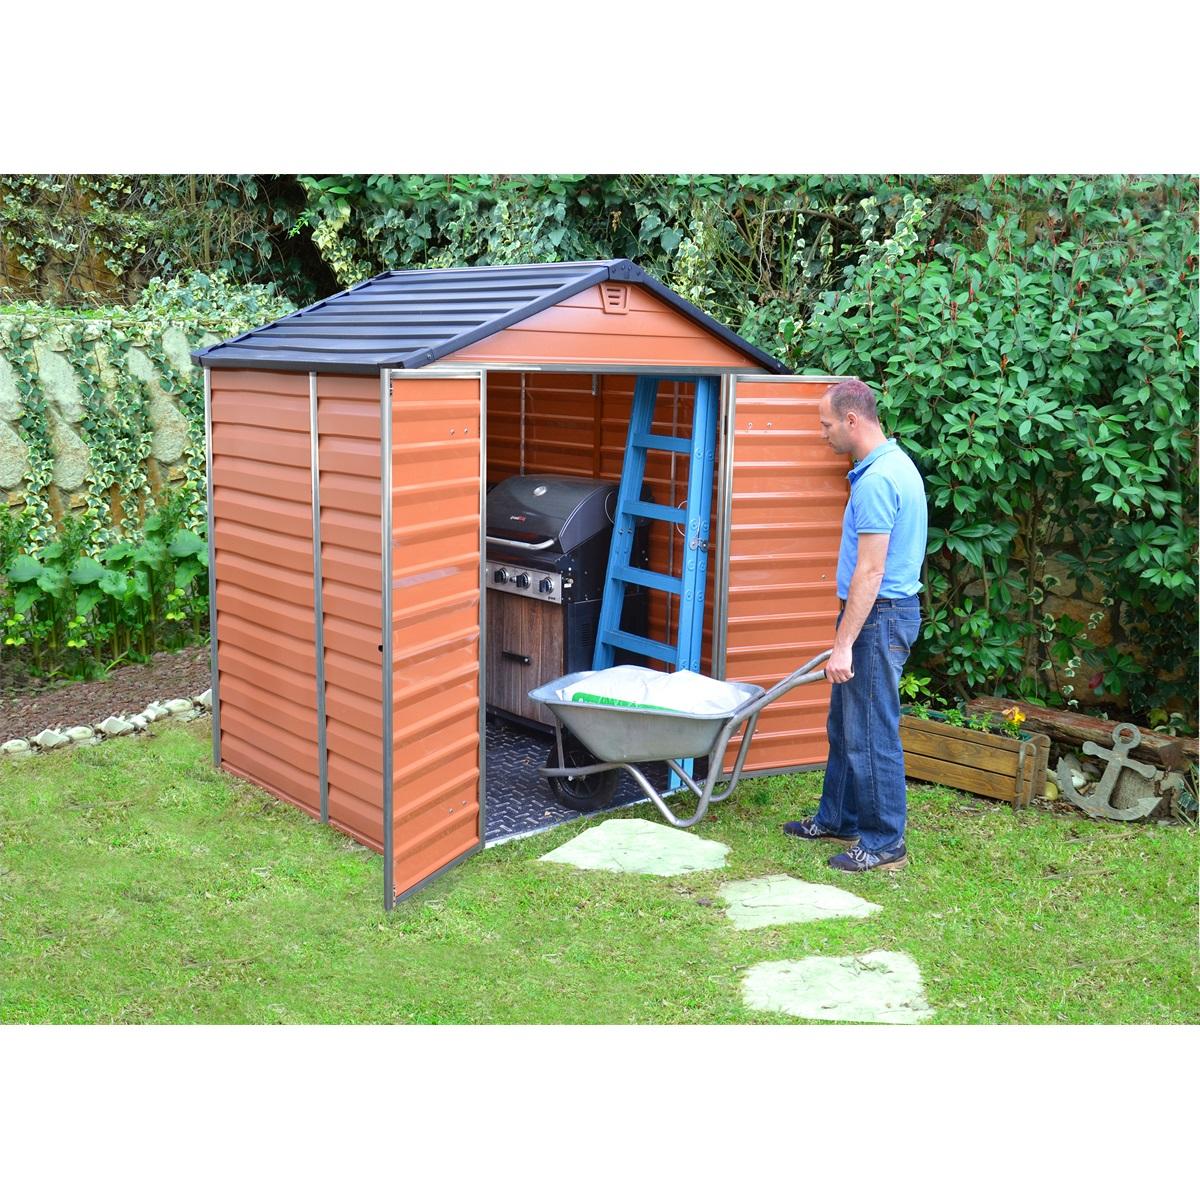 Palram Skylight 6x5 hnedý, záhradný domček